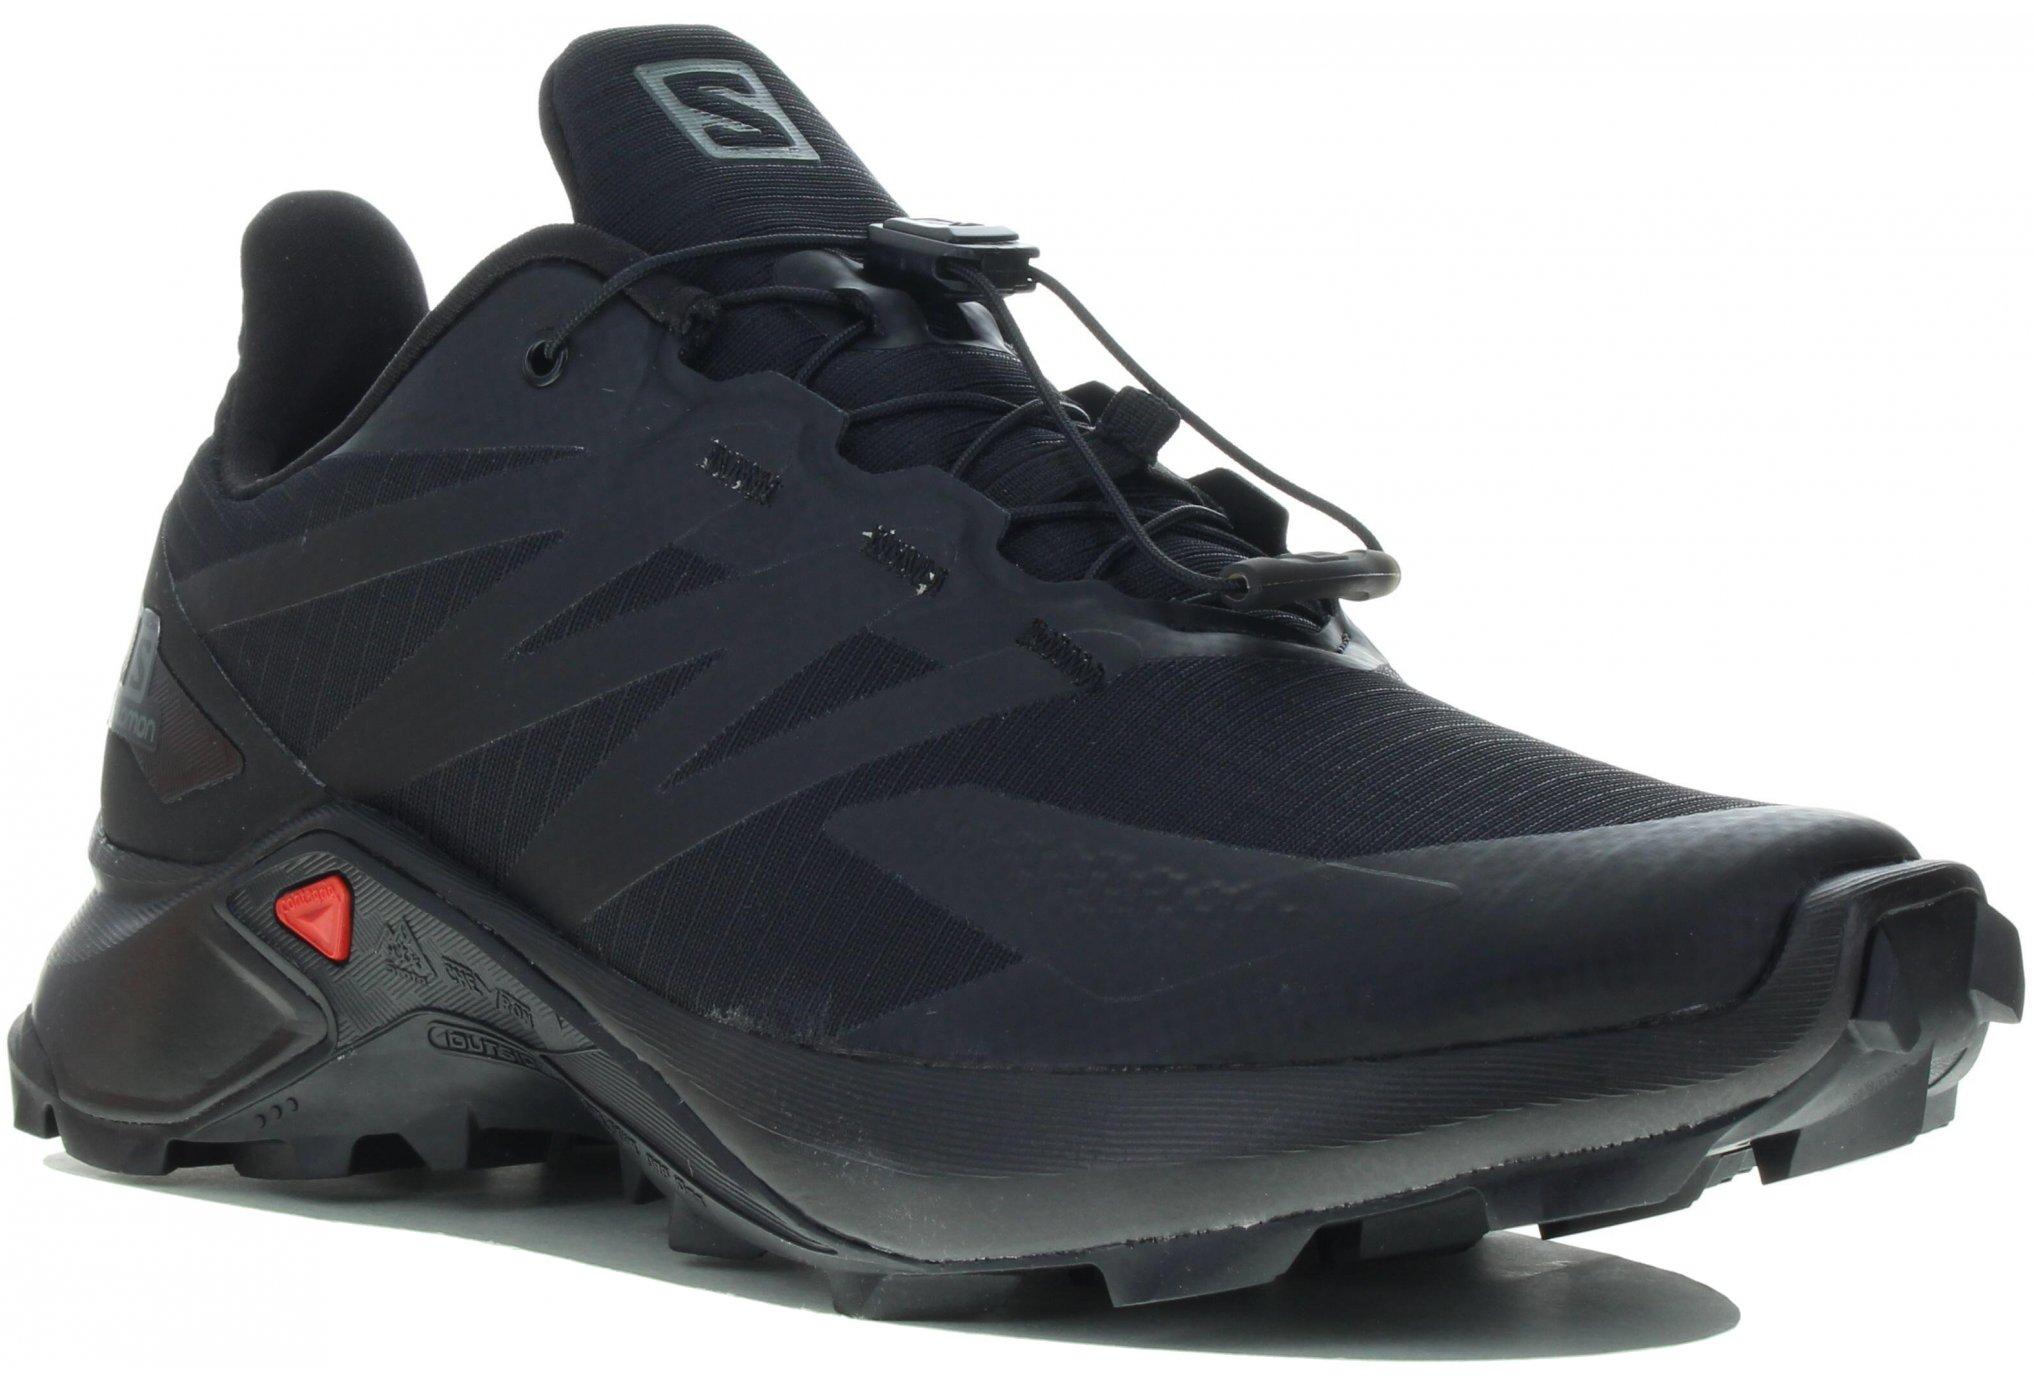 Salomon Supercross Blast Chaussures running femme